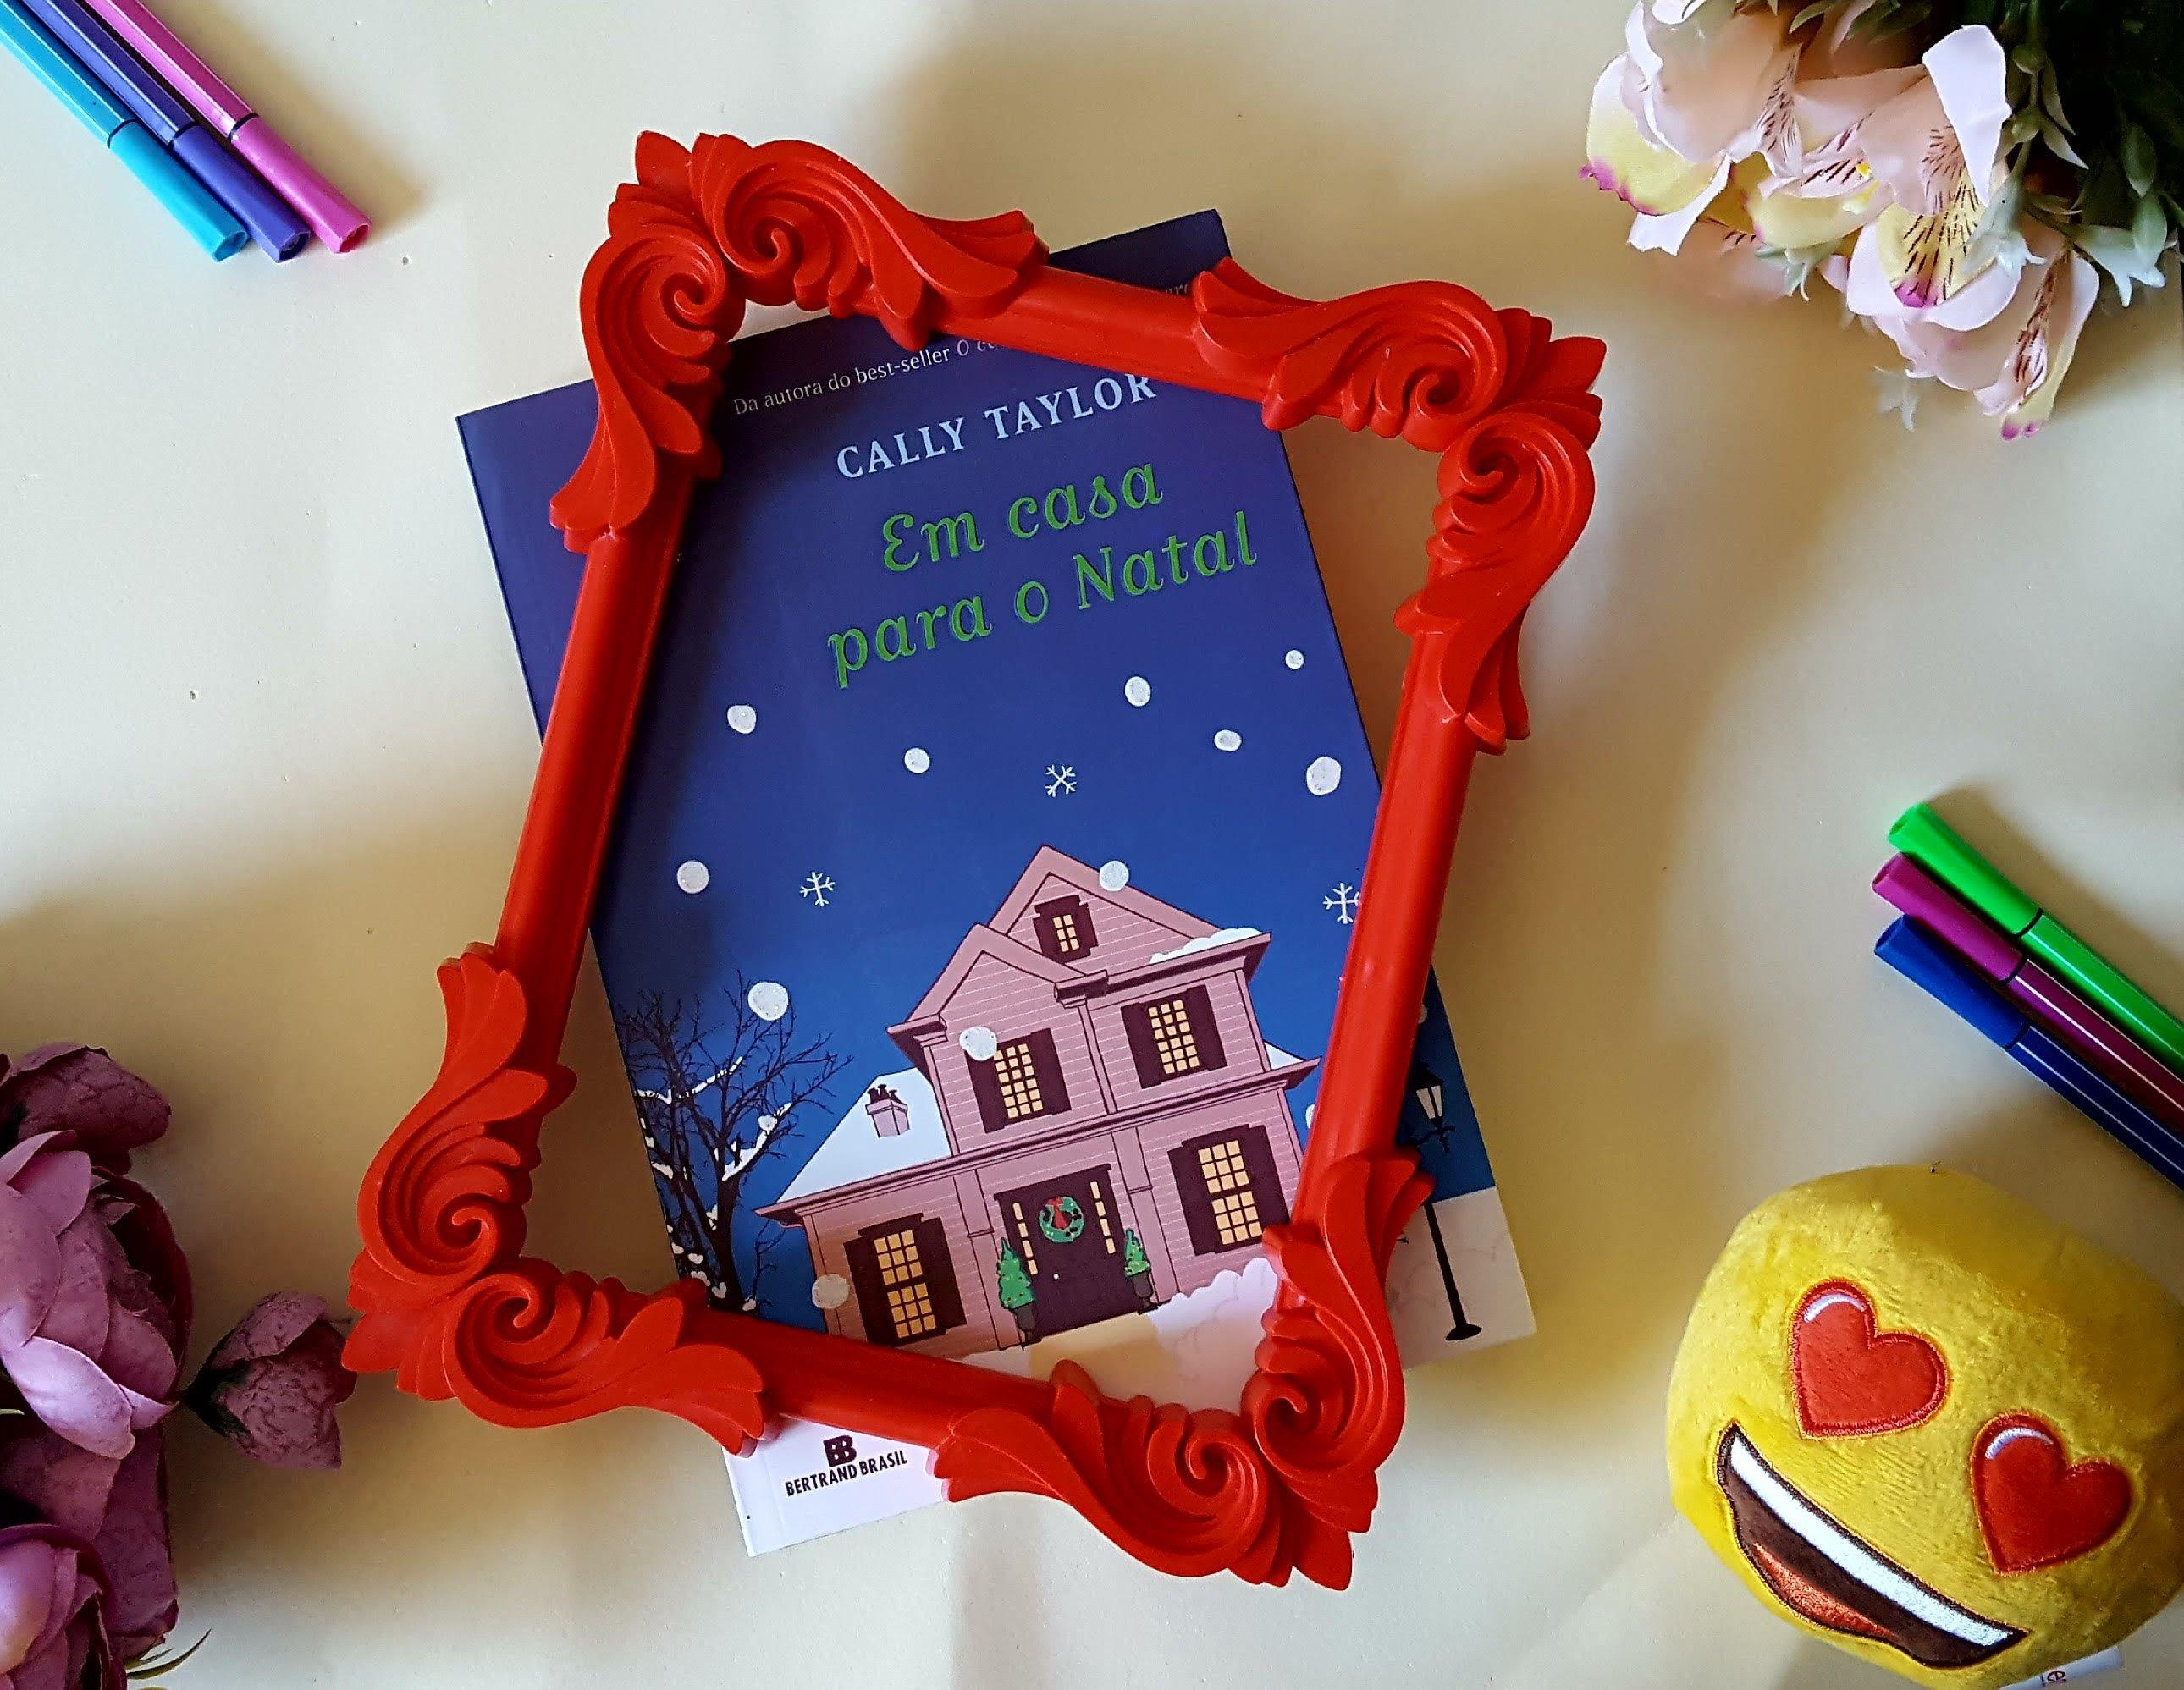 Em casa para o Natal | Cally Taylor